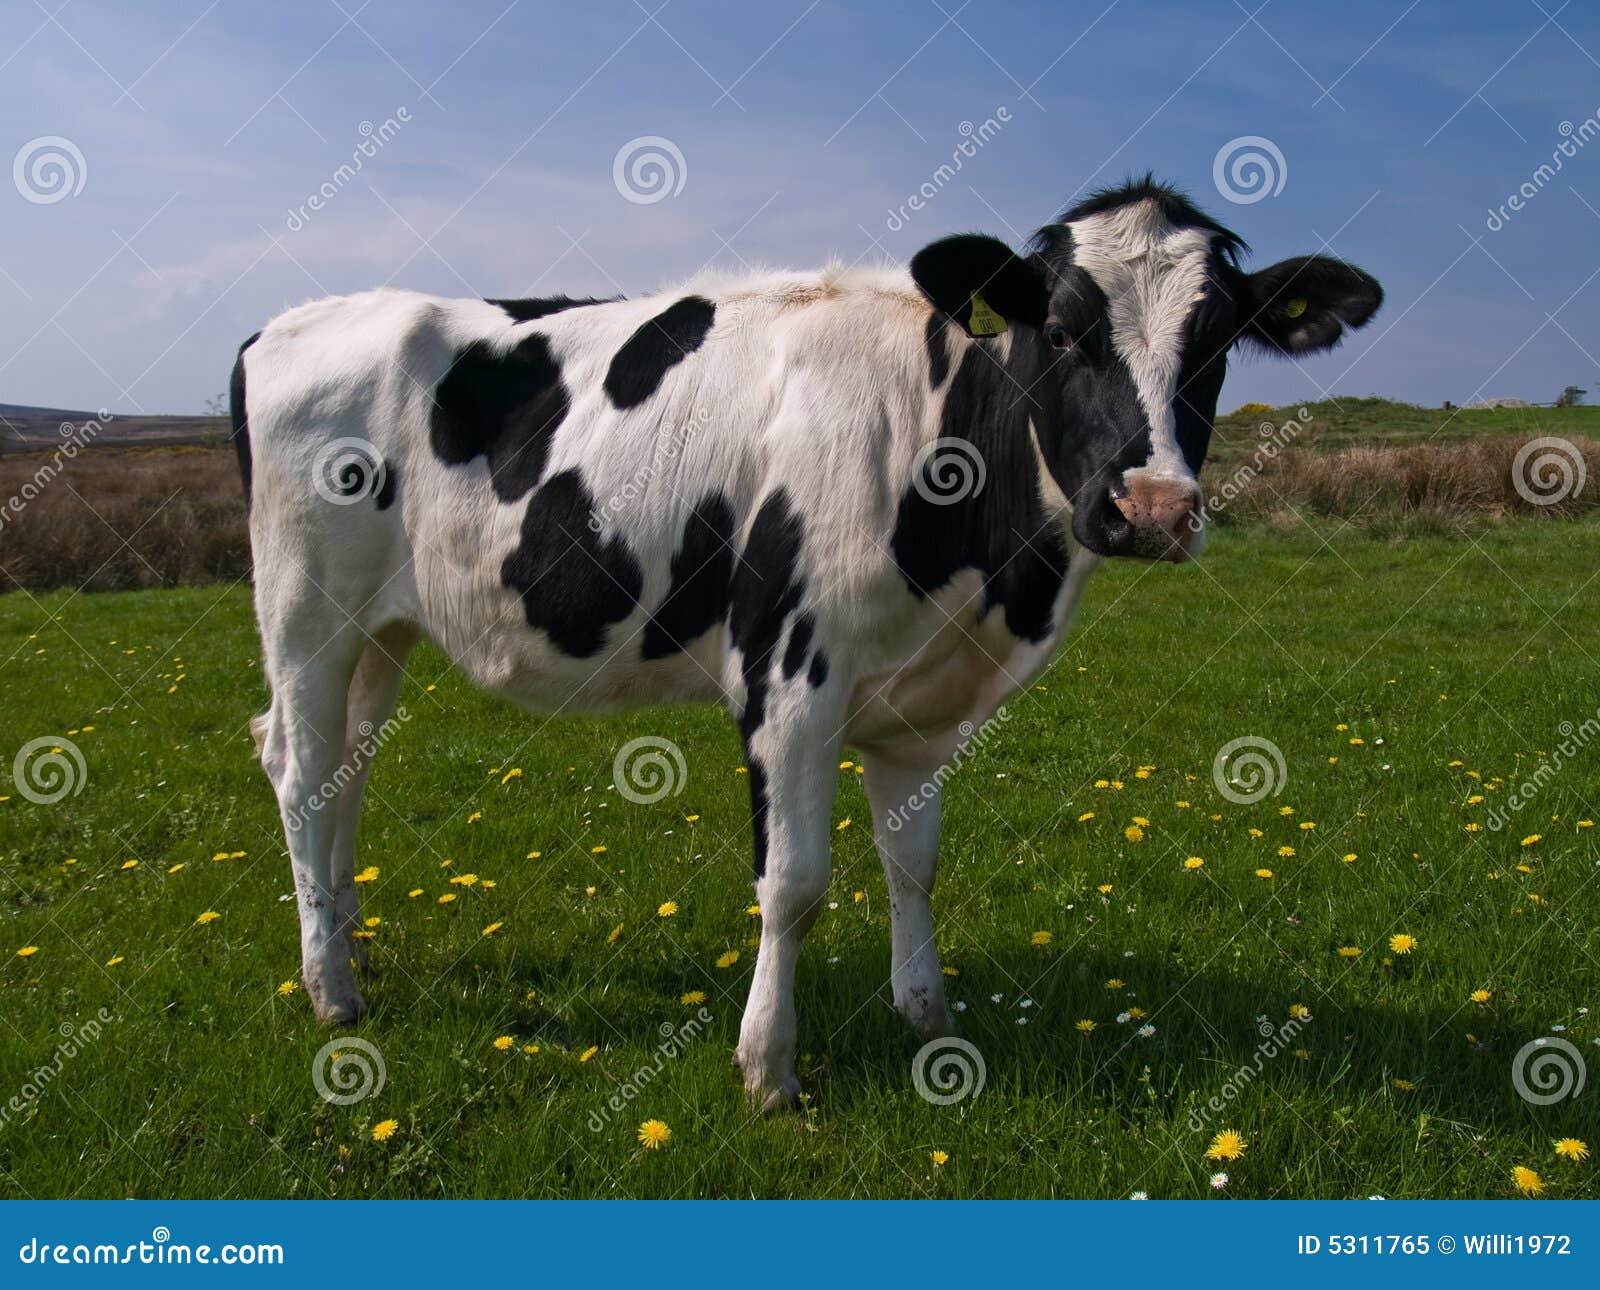 Download Mucca nel campo immagine stock. Immagine di nero, cielo - 5311765